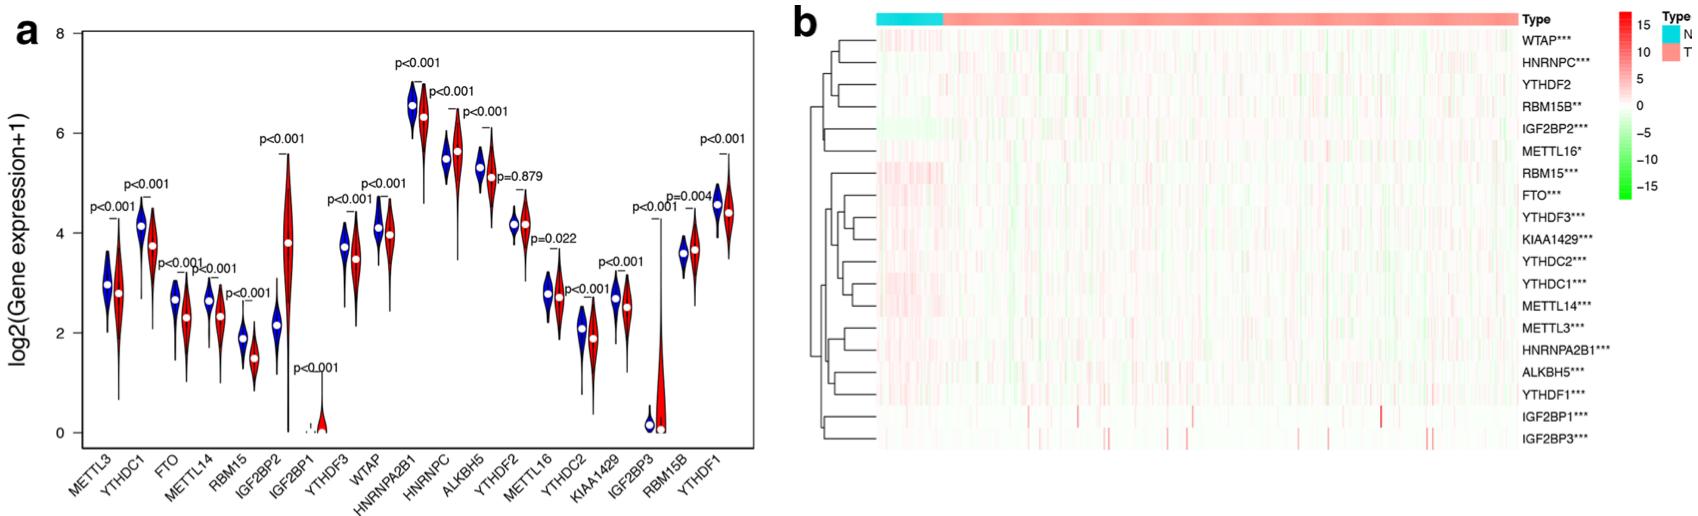 第2篇的m6a相关基因集的表达量差异热图